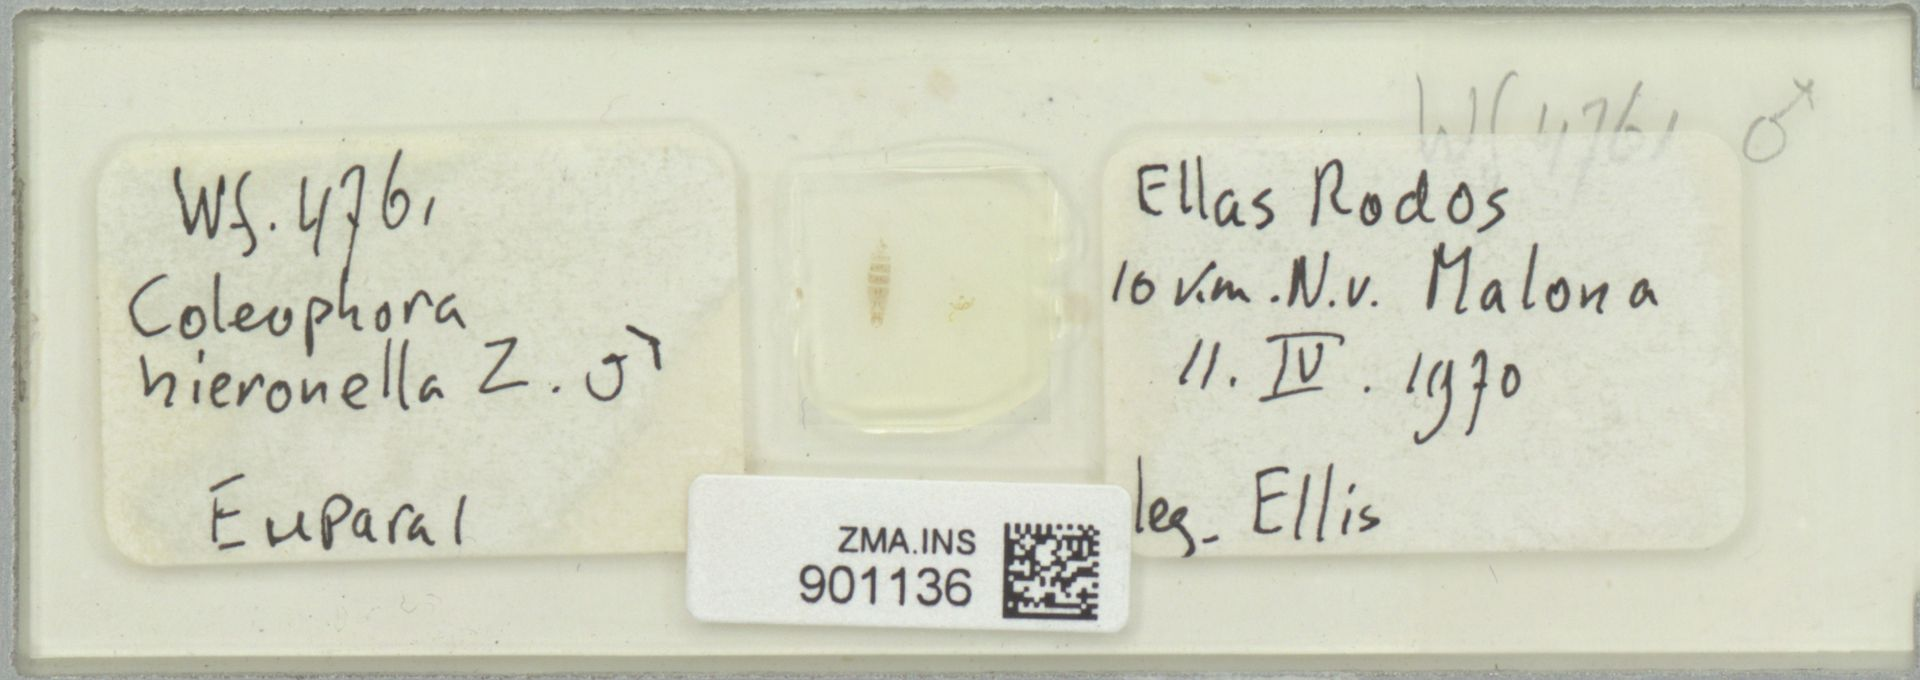 ZMA.INS.901136 | Coleophora hieronella